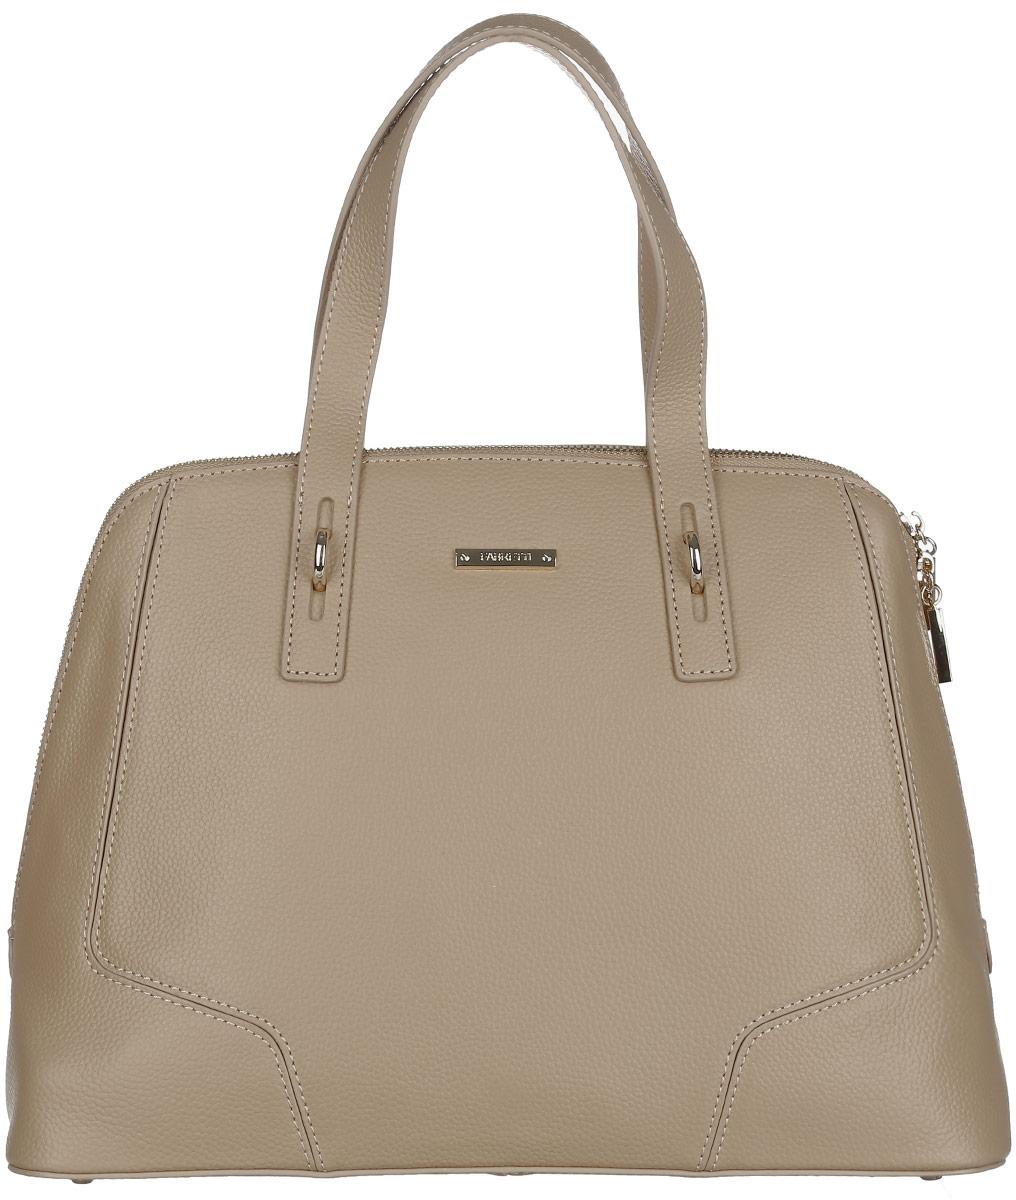 Сумка женская Fabretti, цвет: бежевый. N2546N2546-beigeСтильная женская сумка Fabretti выполнена из натуральной кожи с фактурным тиснением. Изделие содержит одно большое отделение, которое закрывается на застежку-молнию с двумя бегунками. Внутри расположены два накладных кармашка для мелочей и два врезных кармана на молнии. Снаружи, на задней стороне сумки, расположен врезной карман на застежке-молнии. Сумка оснащена удобными ручками и плечевым ремнем, который можно регулировать по длине. Дно сумки дополнено металлическими ножками. Оригинальный аксессуар позволит вам завершить образ и быть неотразимой.